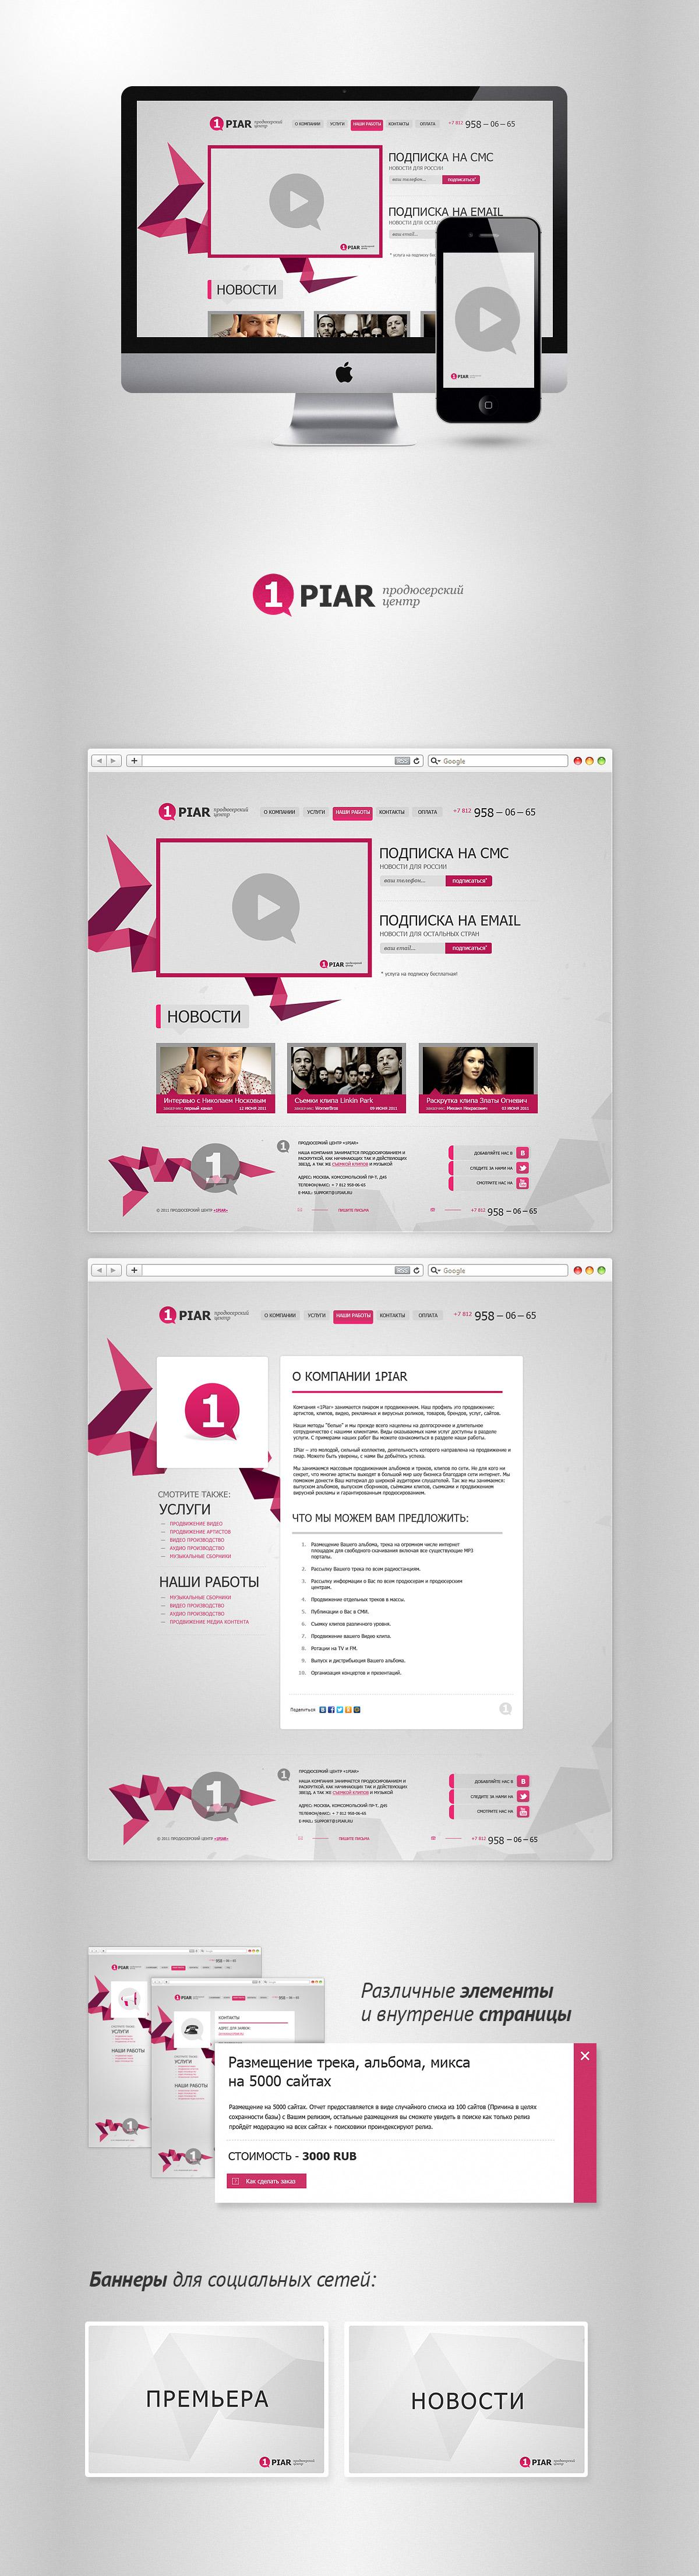 Дизайн сайта 1Piar